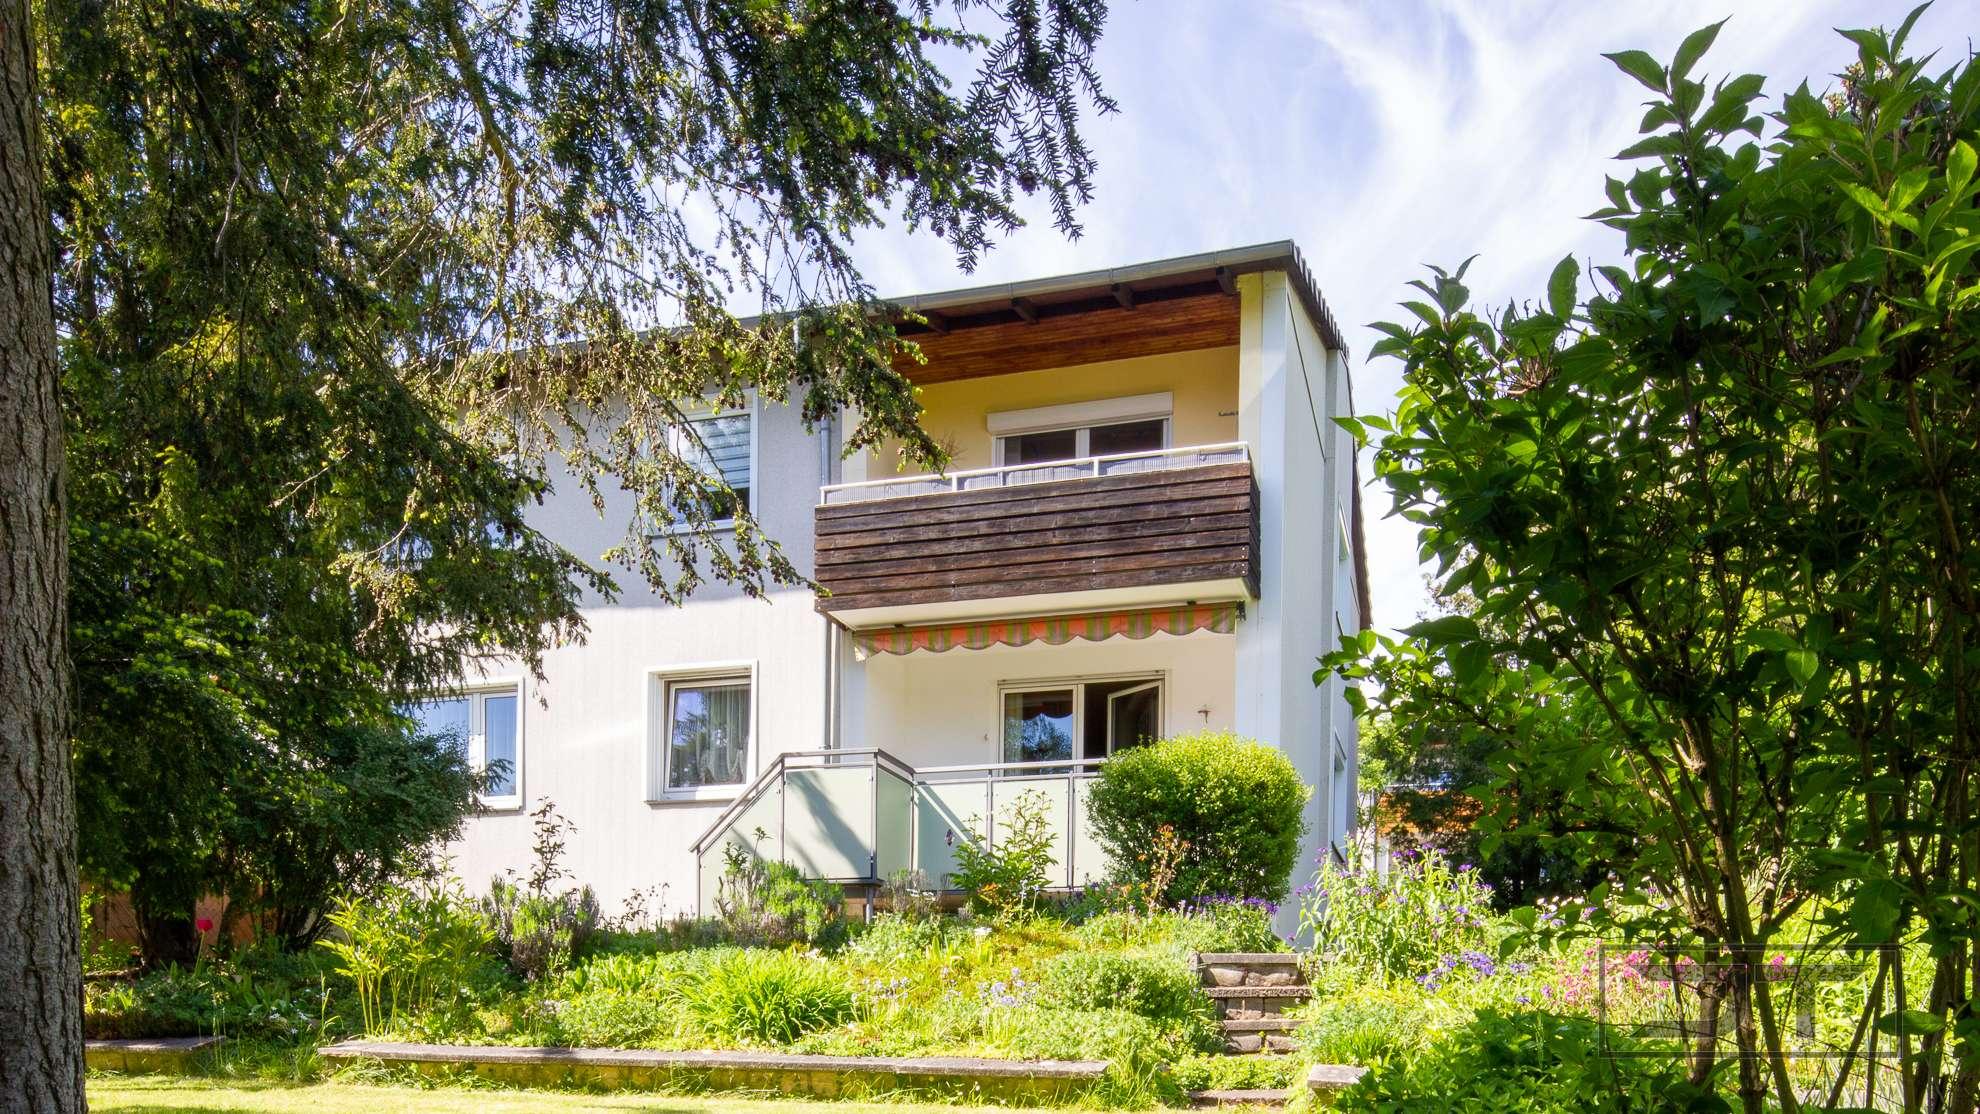 Ideale Kapitalanlage: Großzügige Zweifamilien-DHH mit viel Grün in ruhiger Bestlage in Meyernberg!